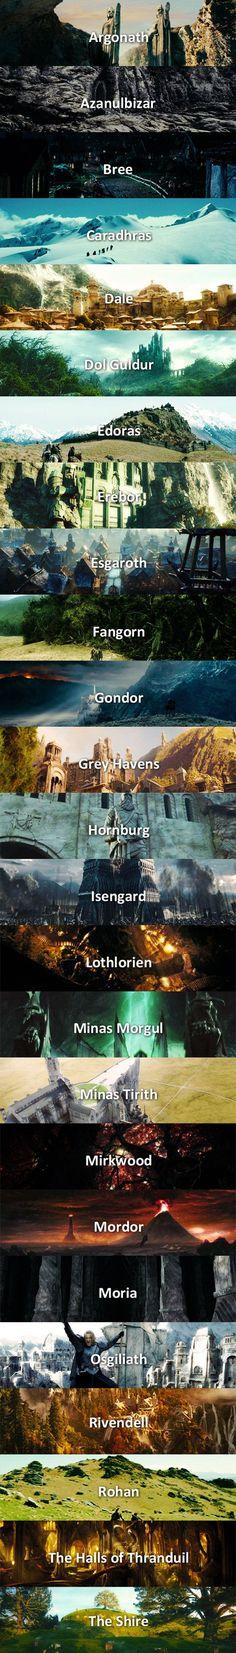 La Tierra Media de Tolkien